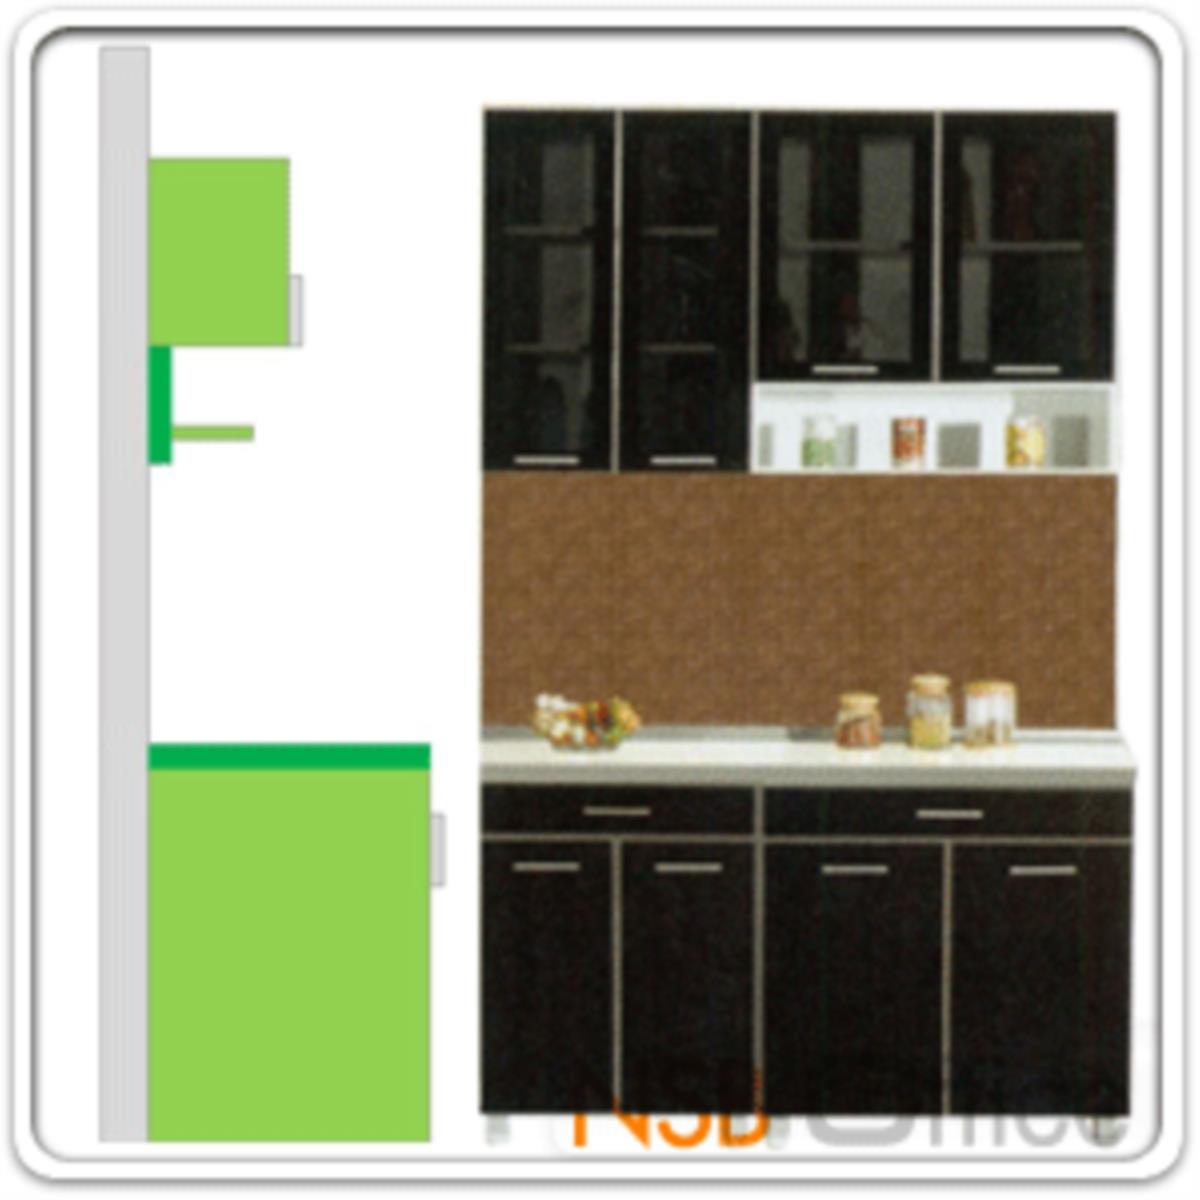 ชุดตู้ครัว พร้อมตู้แขวน รุ่น Darigold-140H  พร้อมตู้แขวนลอย